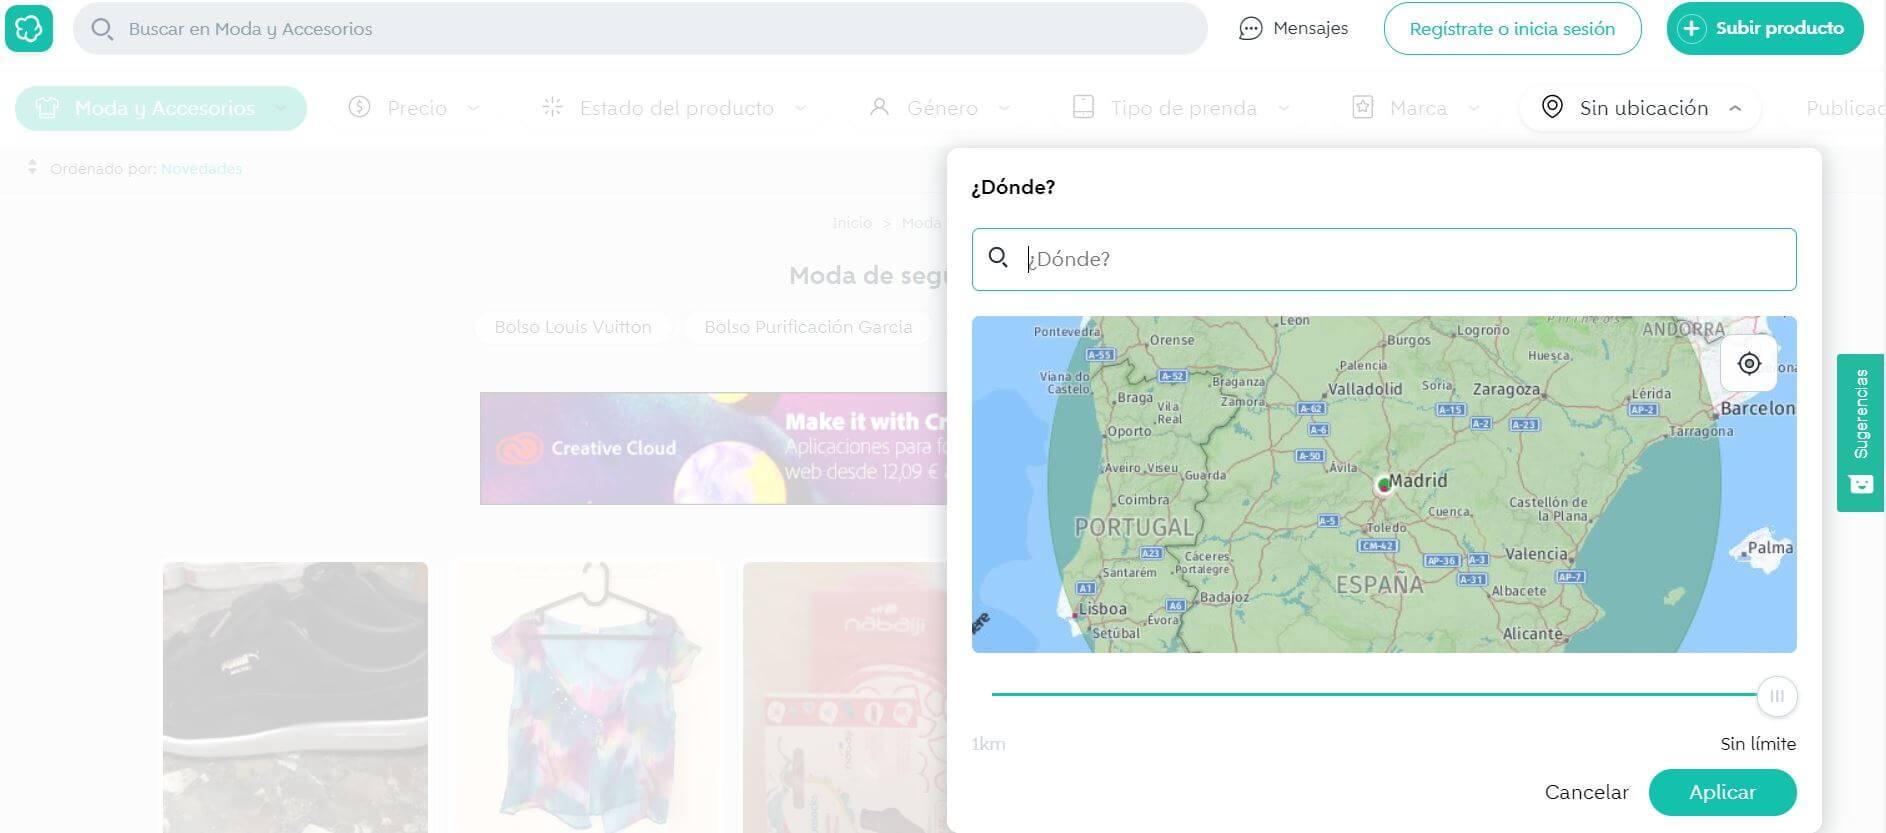 optimizar landing page para mejorar posicionamiento local